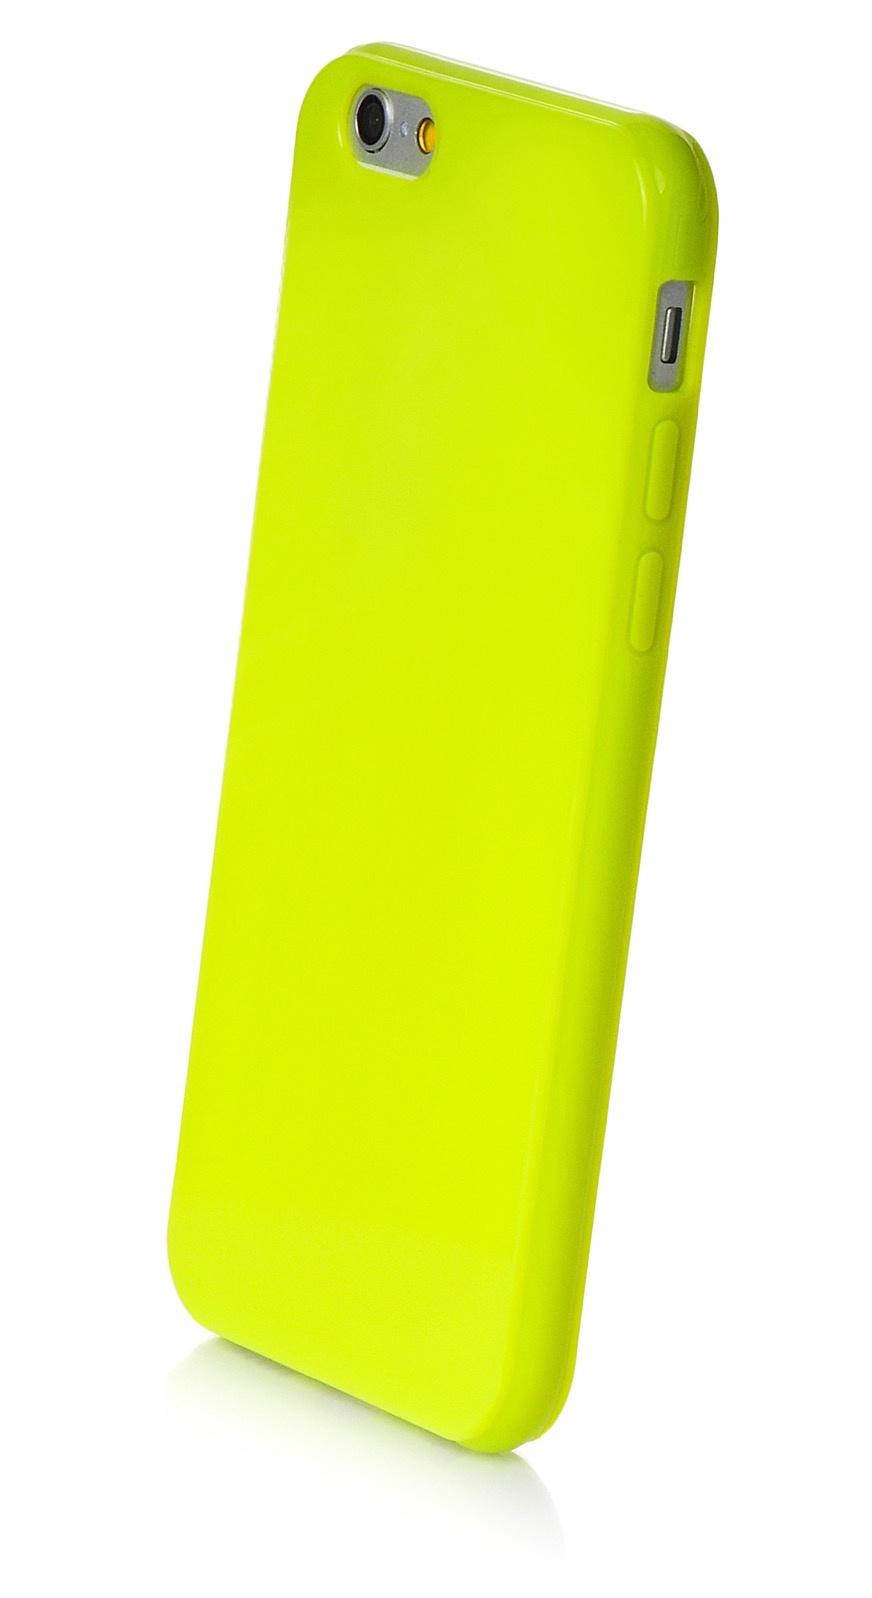 """Чехол для сотового телефона iNeez накладка силикон мыльница 620237 для Apple Iphone 6 Plus/6S Plus 5.5"""", салатовый"""